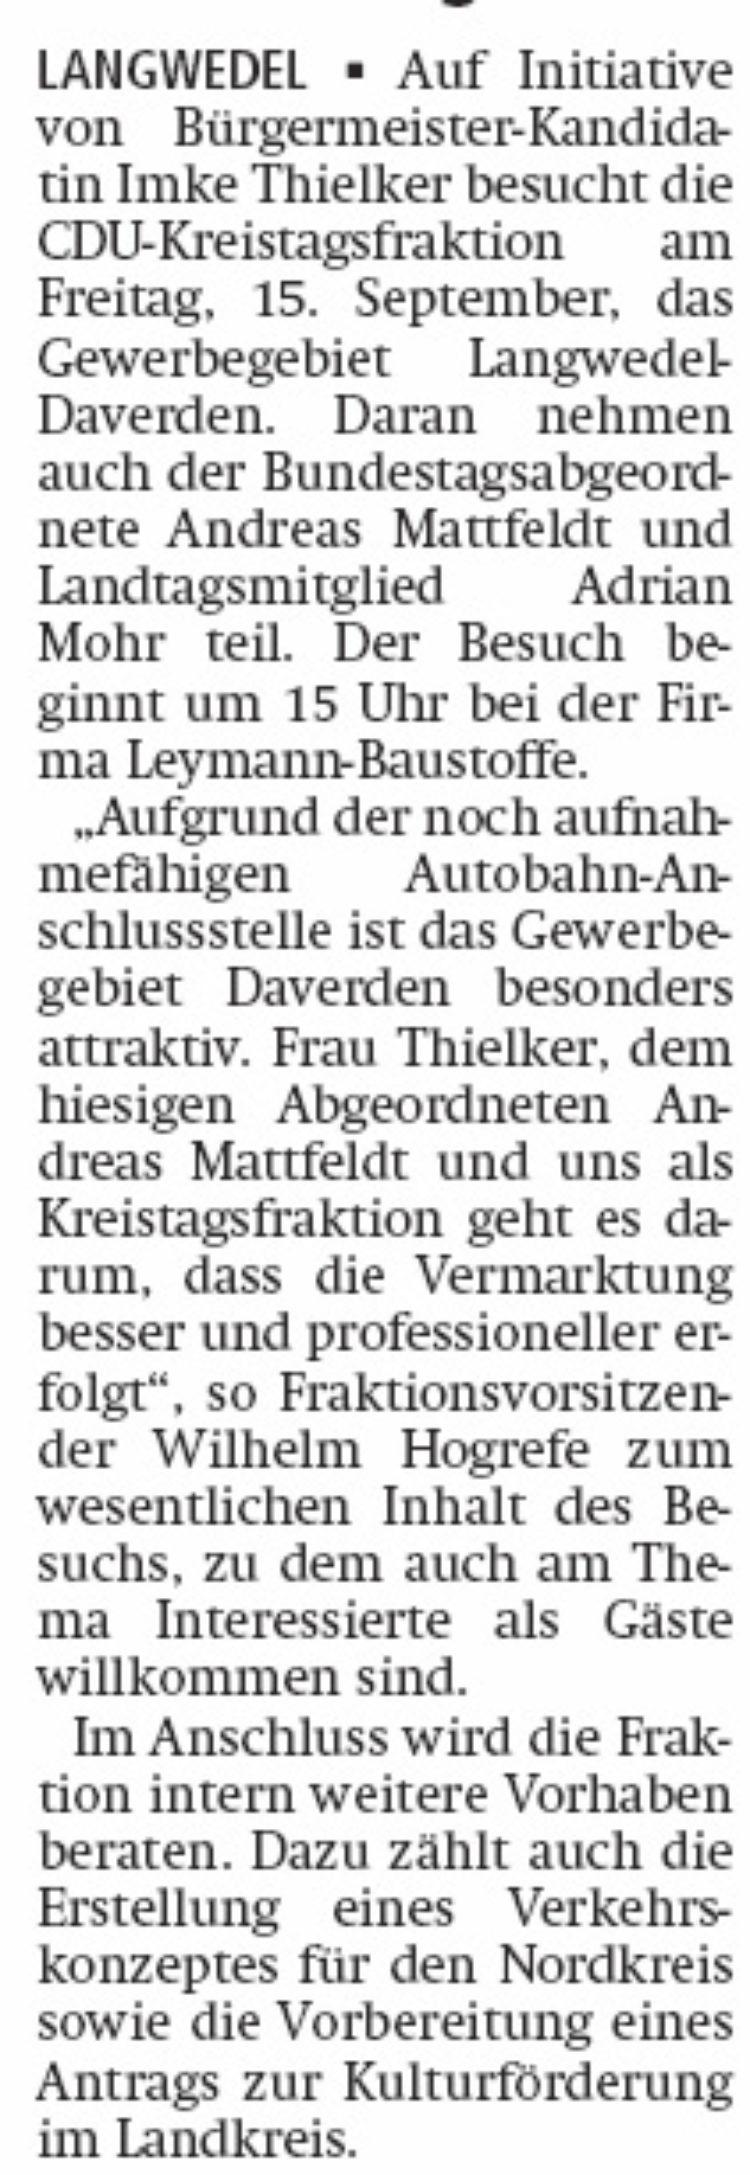 Kreis-CDU besucht Gewerbegebiet